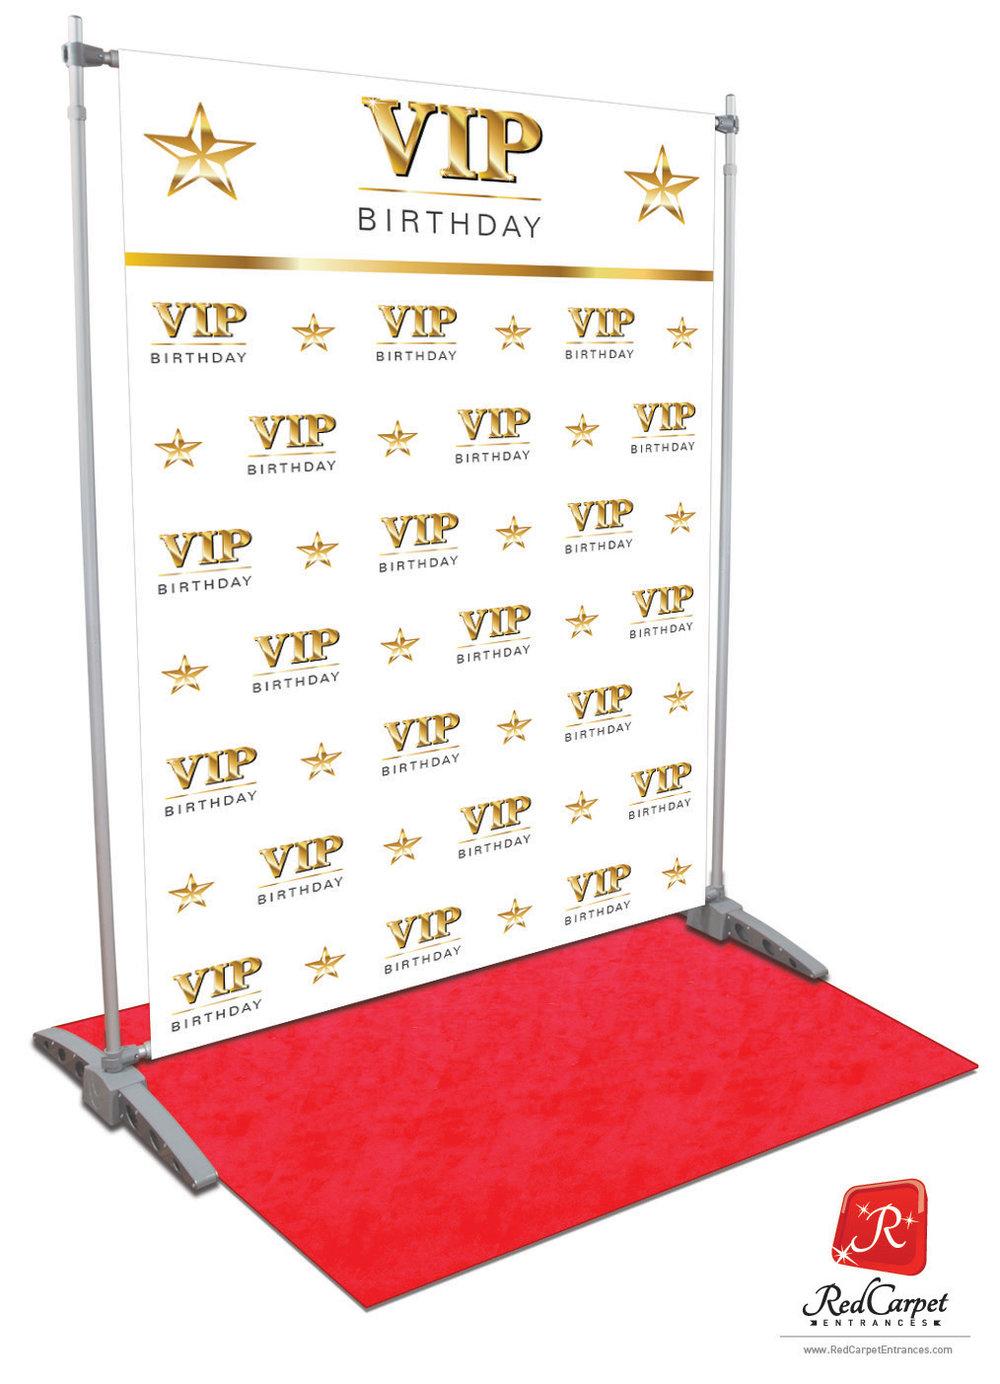 Vip Birthday Backdrop White 5x8 Red Carpet Runner